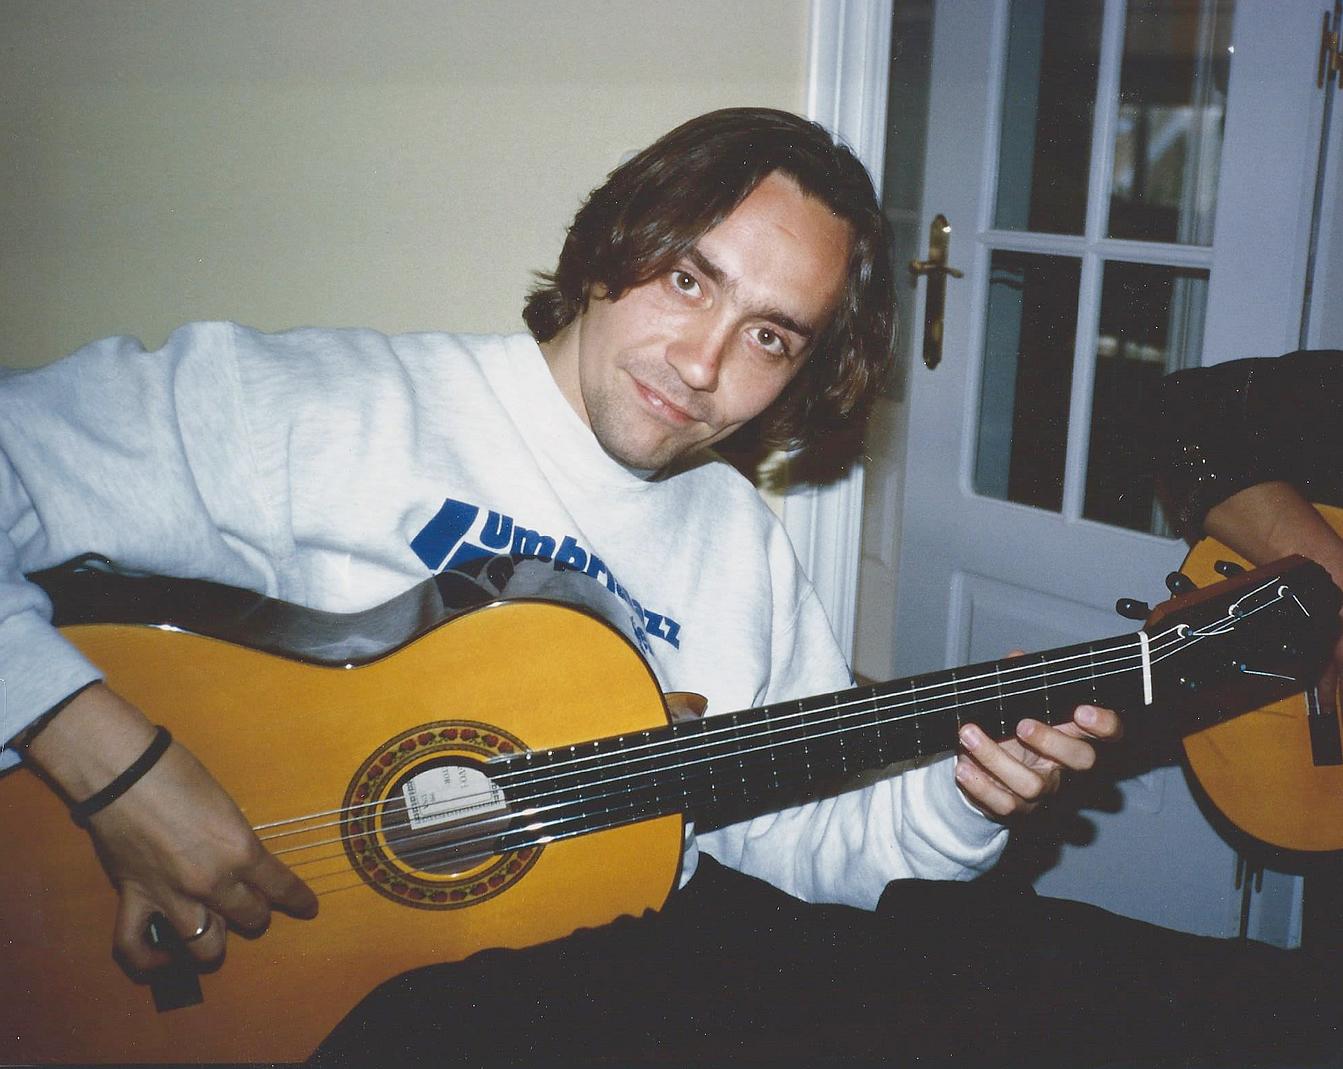 Vicente Amigo | Lester DeVoe Guitars